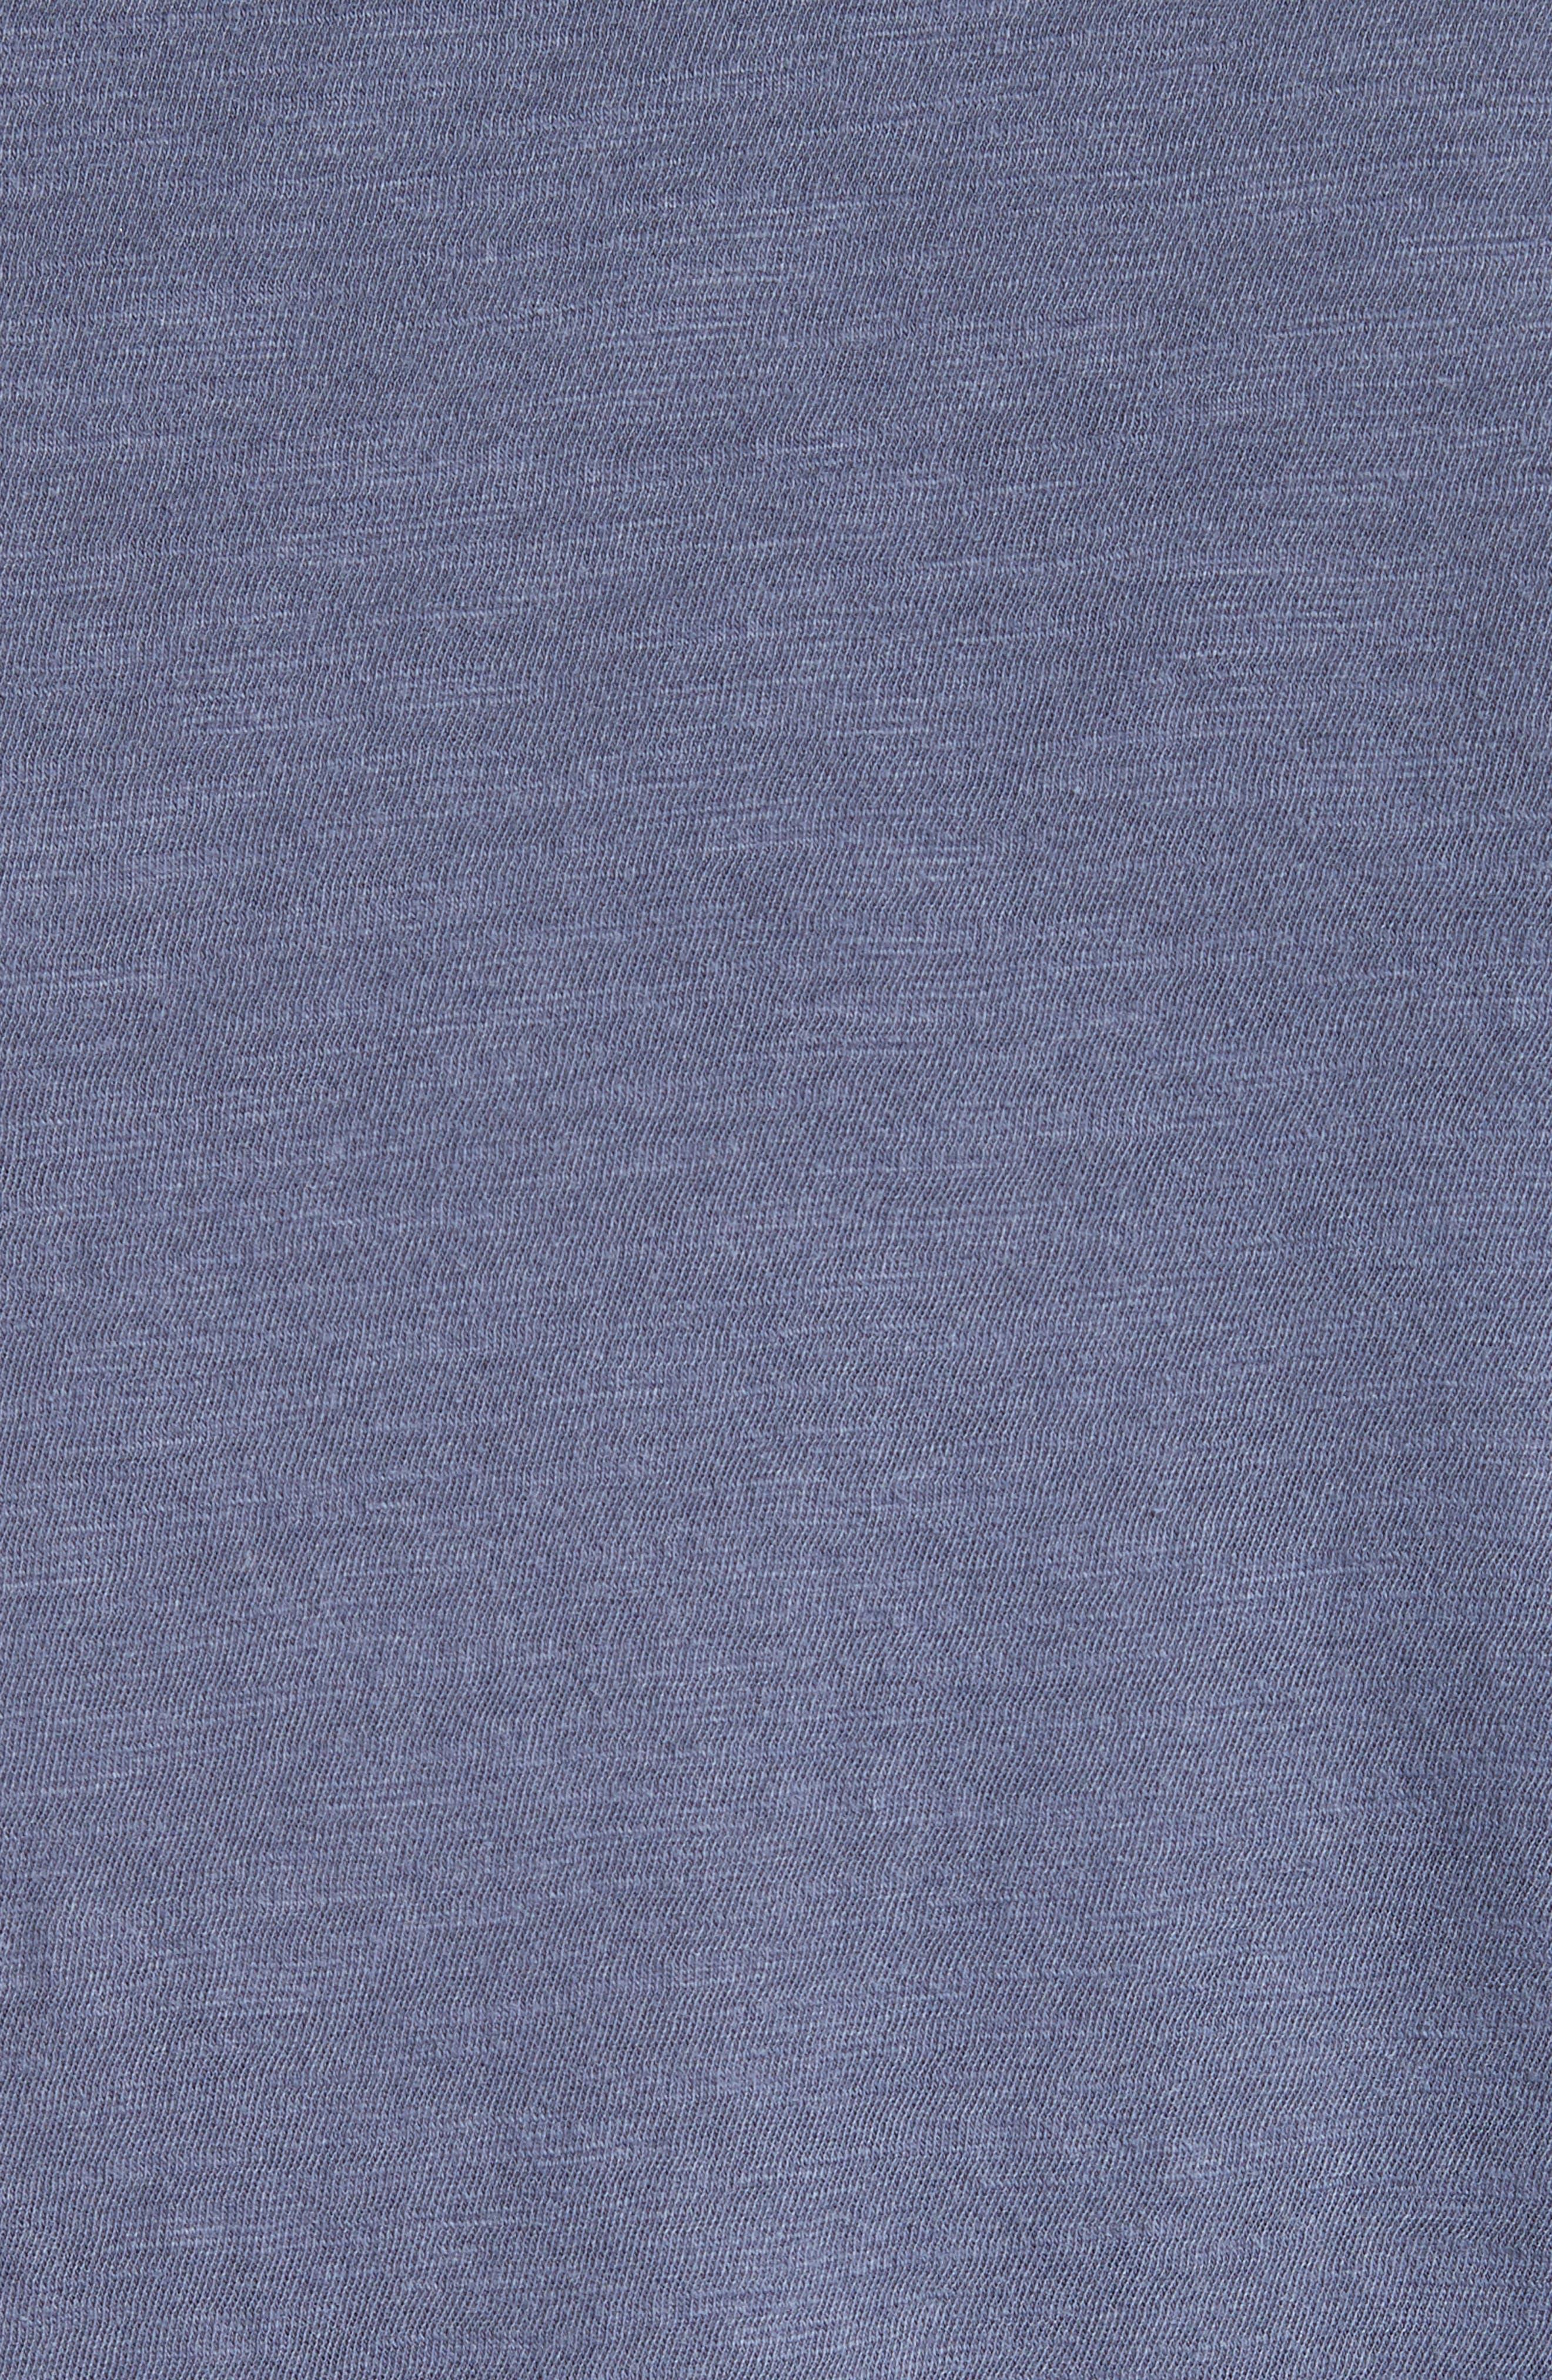 'Classic' Pocket T-Shirt,                             Alternate thumbnail 19, color,